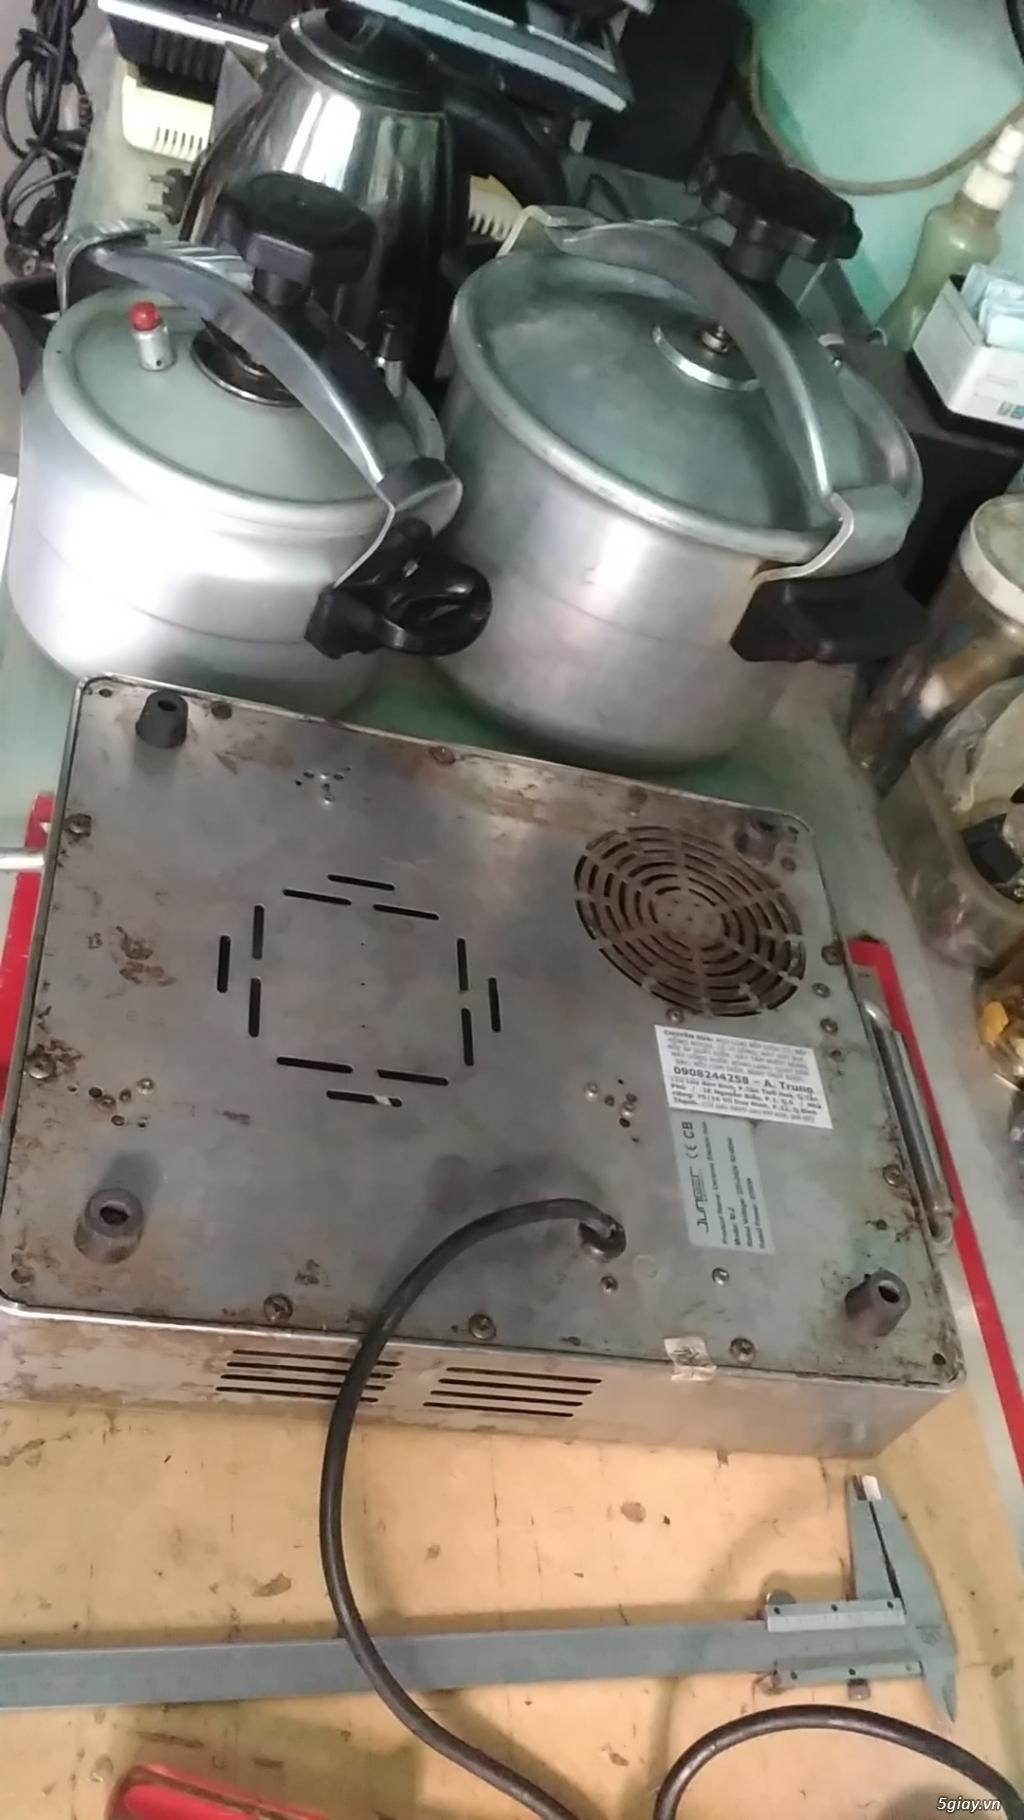 Chuyên sửa lò vi sóng, sửa bếp điện từ, sửa bếp hồng ngoại, sửa nồi áp suất, 0908244258, .... - 12